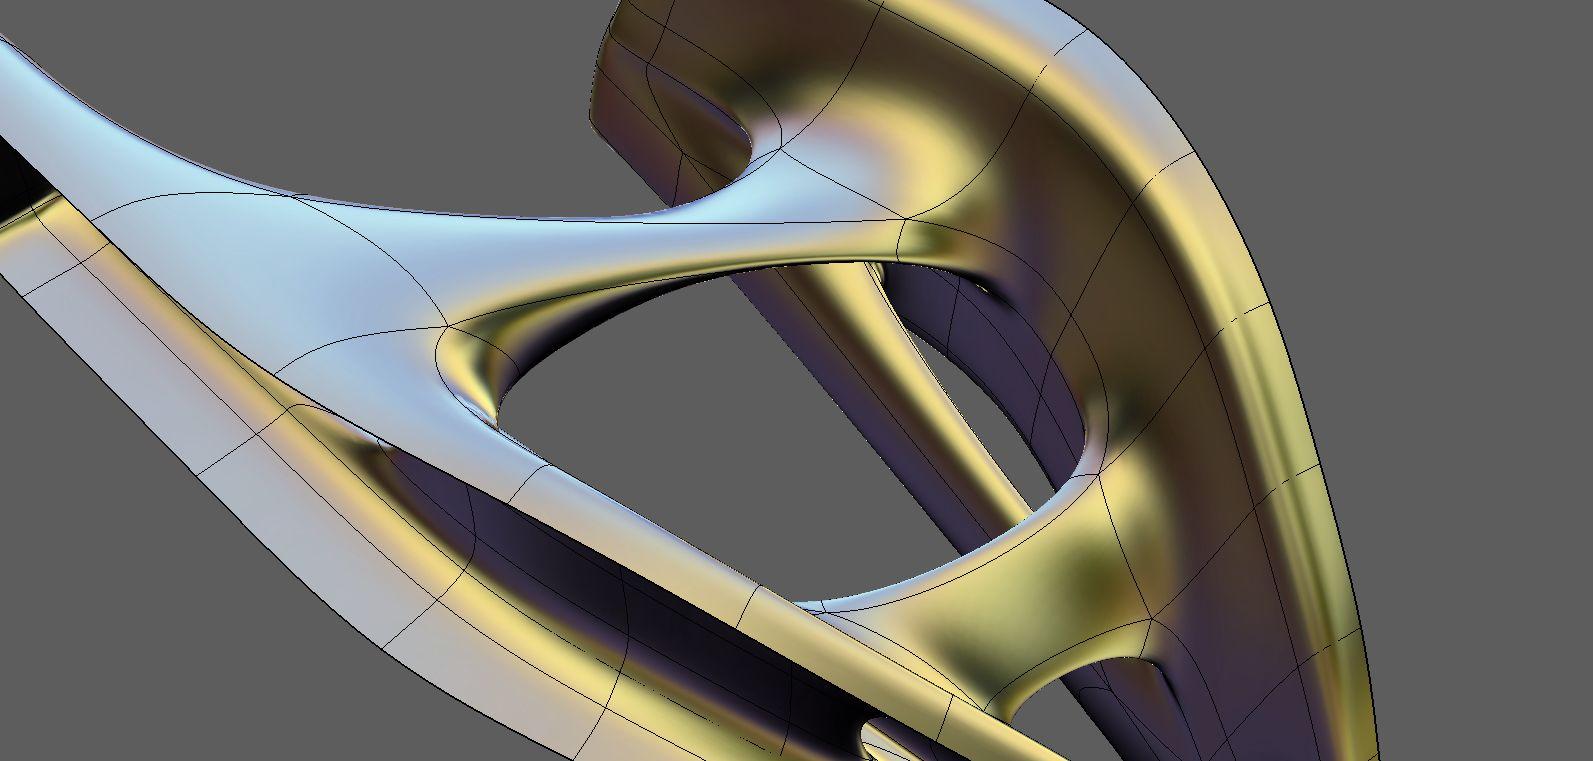 for T spline architecture